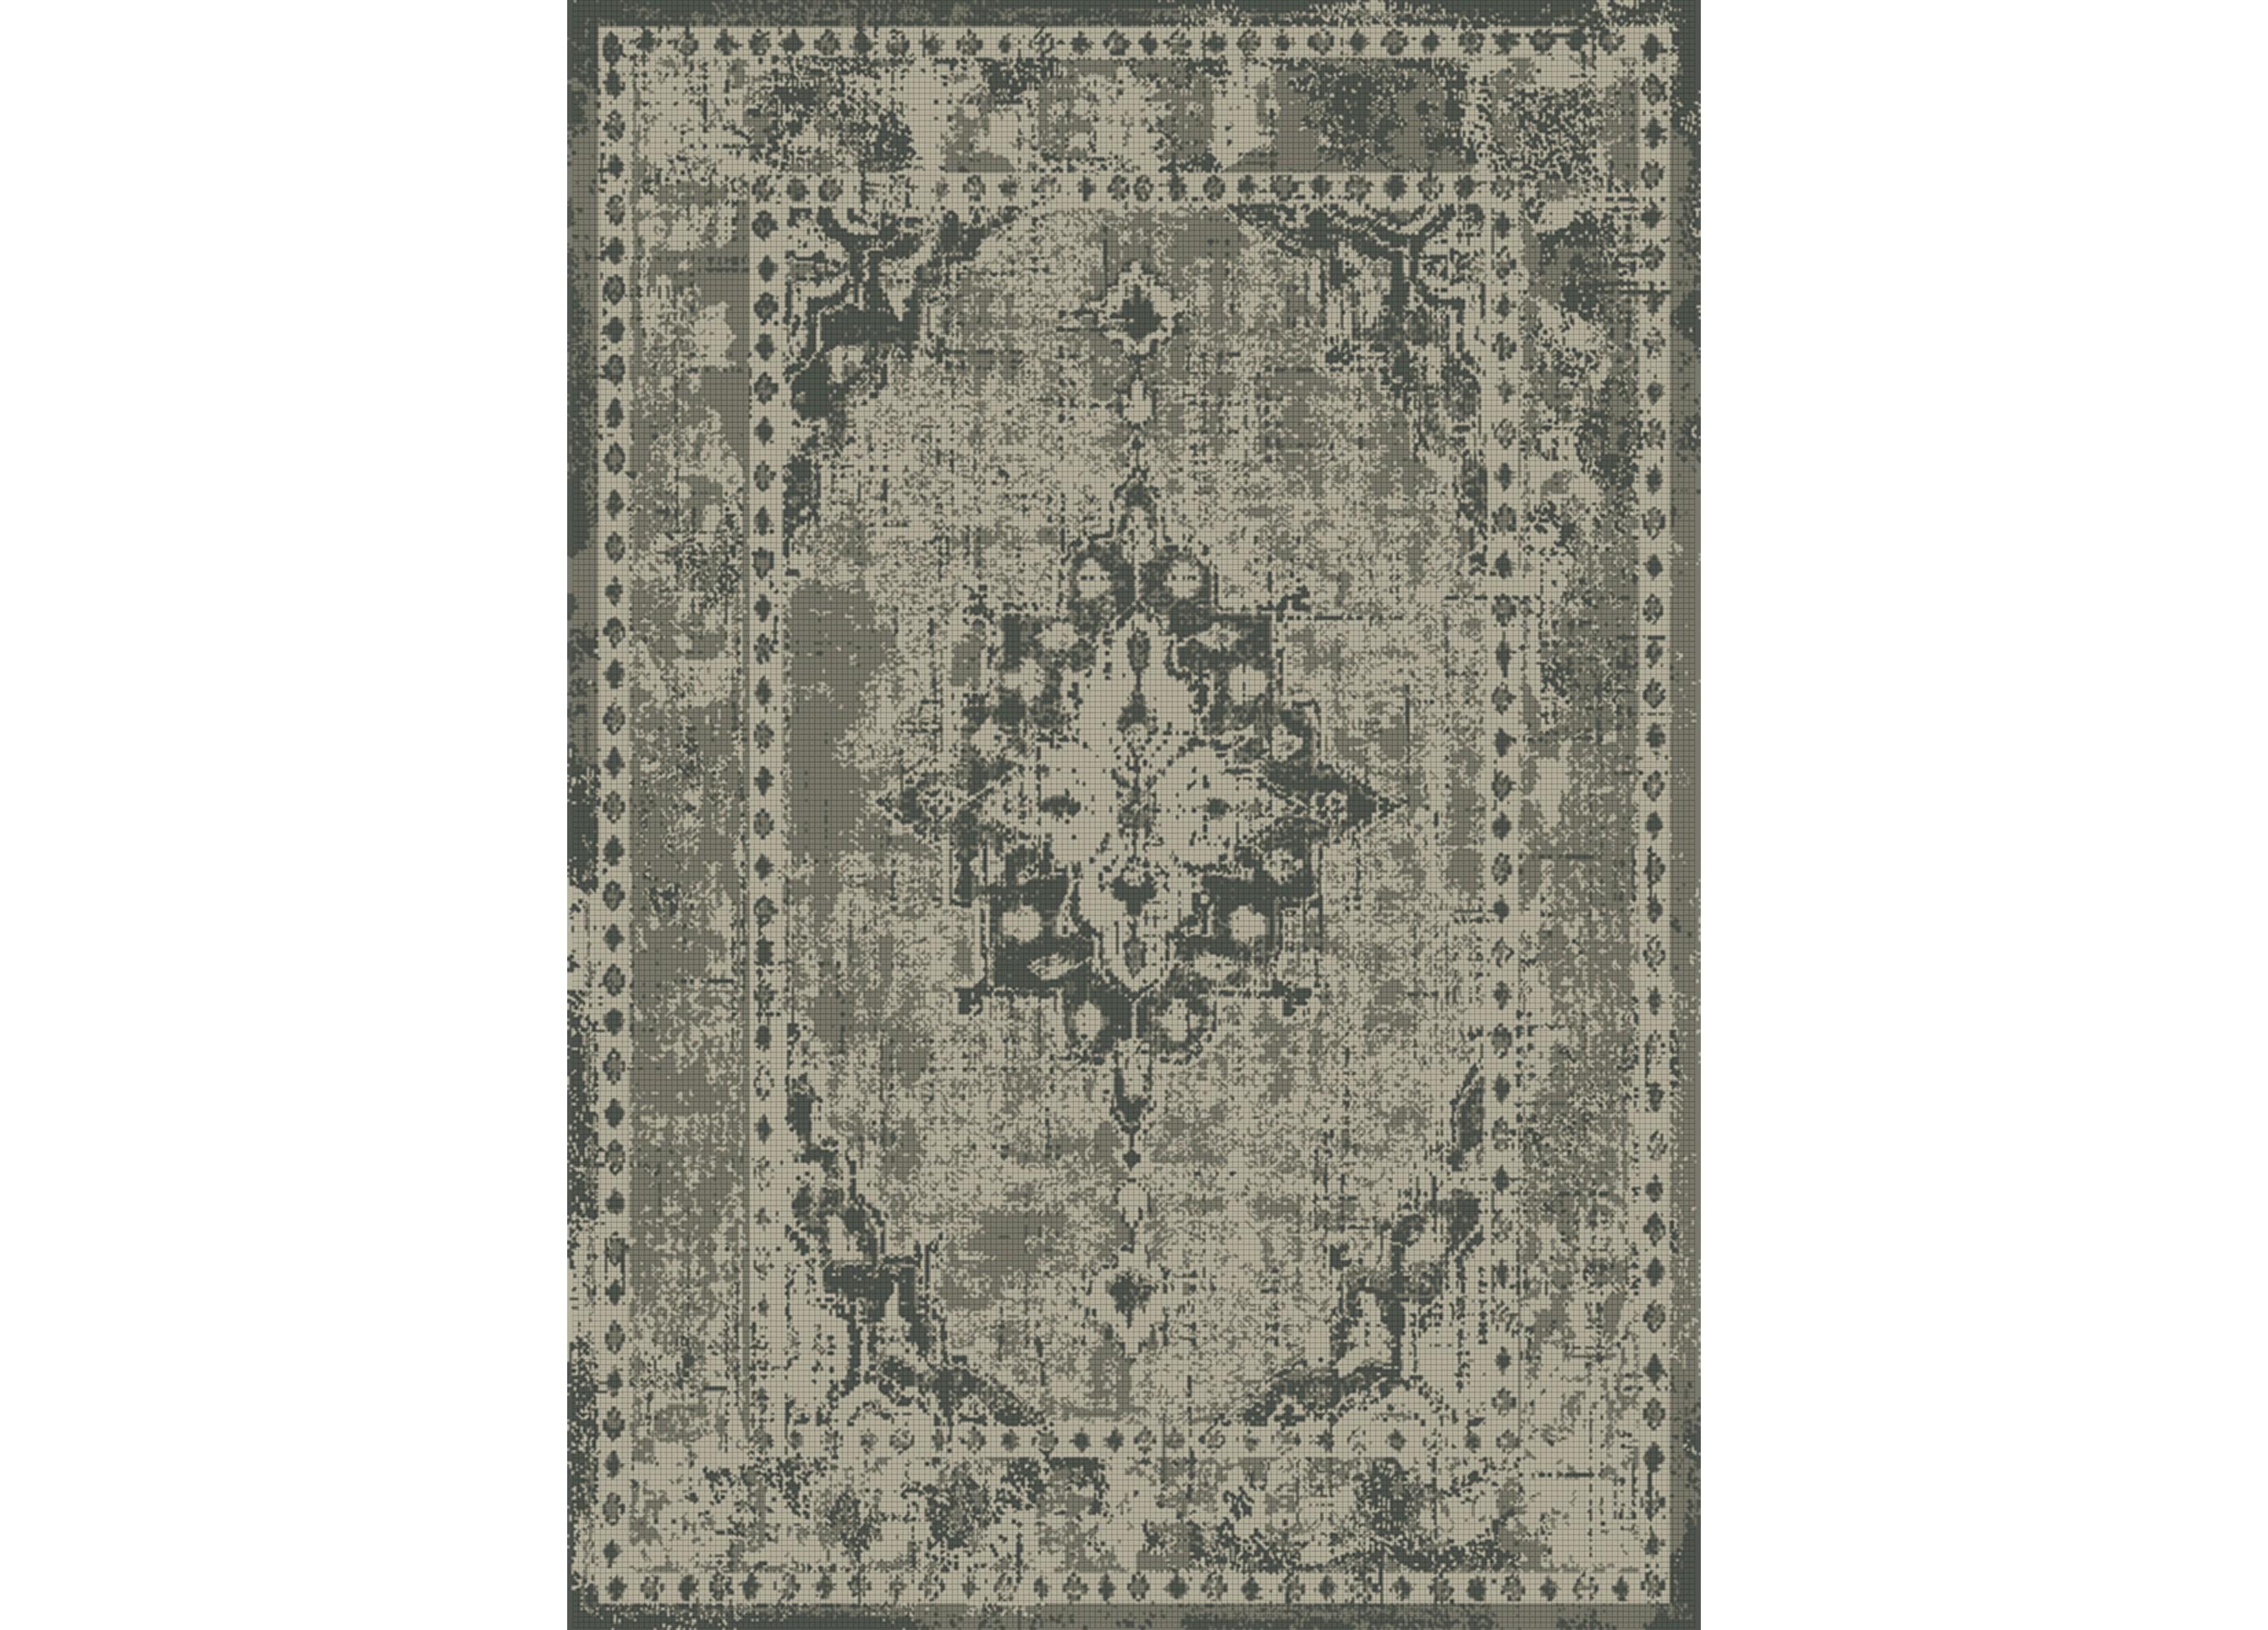 Ковер Viviane 230х160Прямоугольные ковры<br>Коллекция ковров Vintage добавят вашему интерьеру винтажного шика.&amp;lt;div&amp;gt;Материал: 100% Полипропилен.&amp;lt;br&amp;gt;&amp;lt;/div&amp;gt;<br><br>Material: Текстиль<br>Height см: 1,1